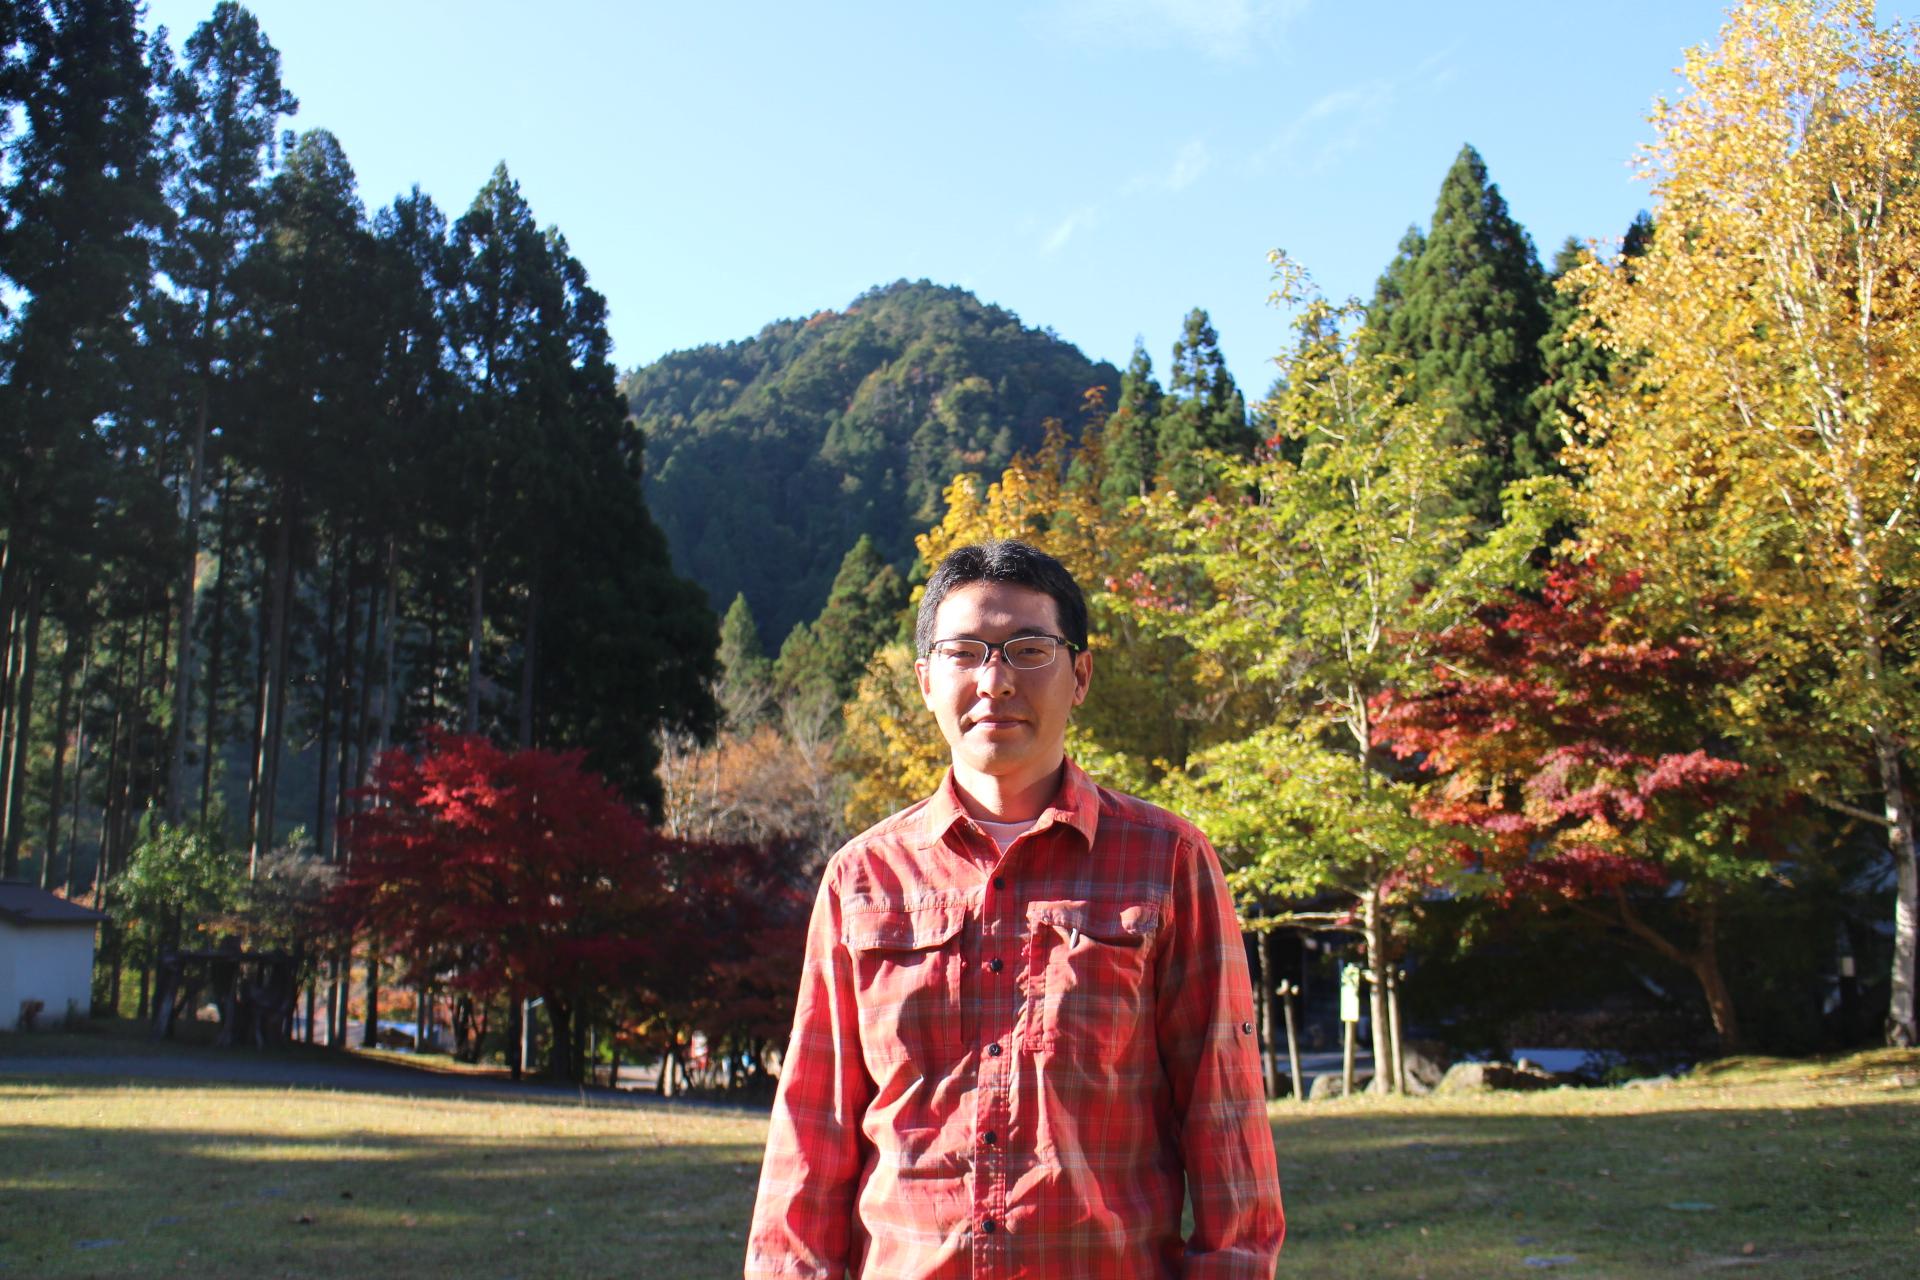 #京都里山ぐらし 思い出の地、花脊で活躍する藤井さんにインタビュー